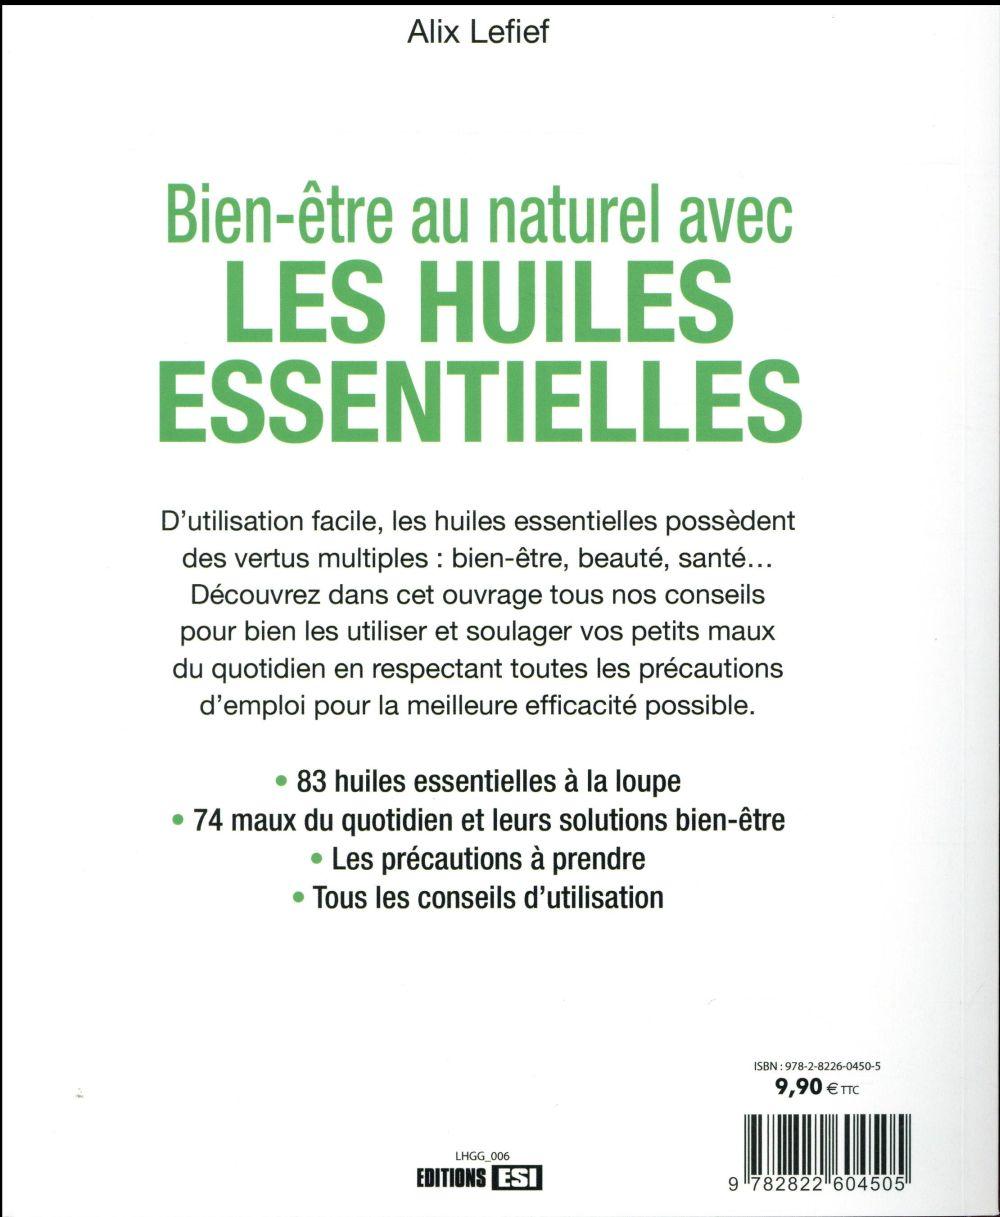 Bien-être au naturel avec les huiles essentielles